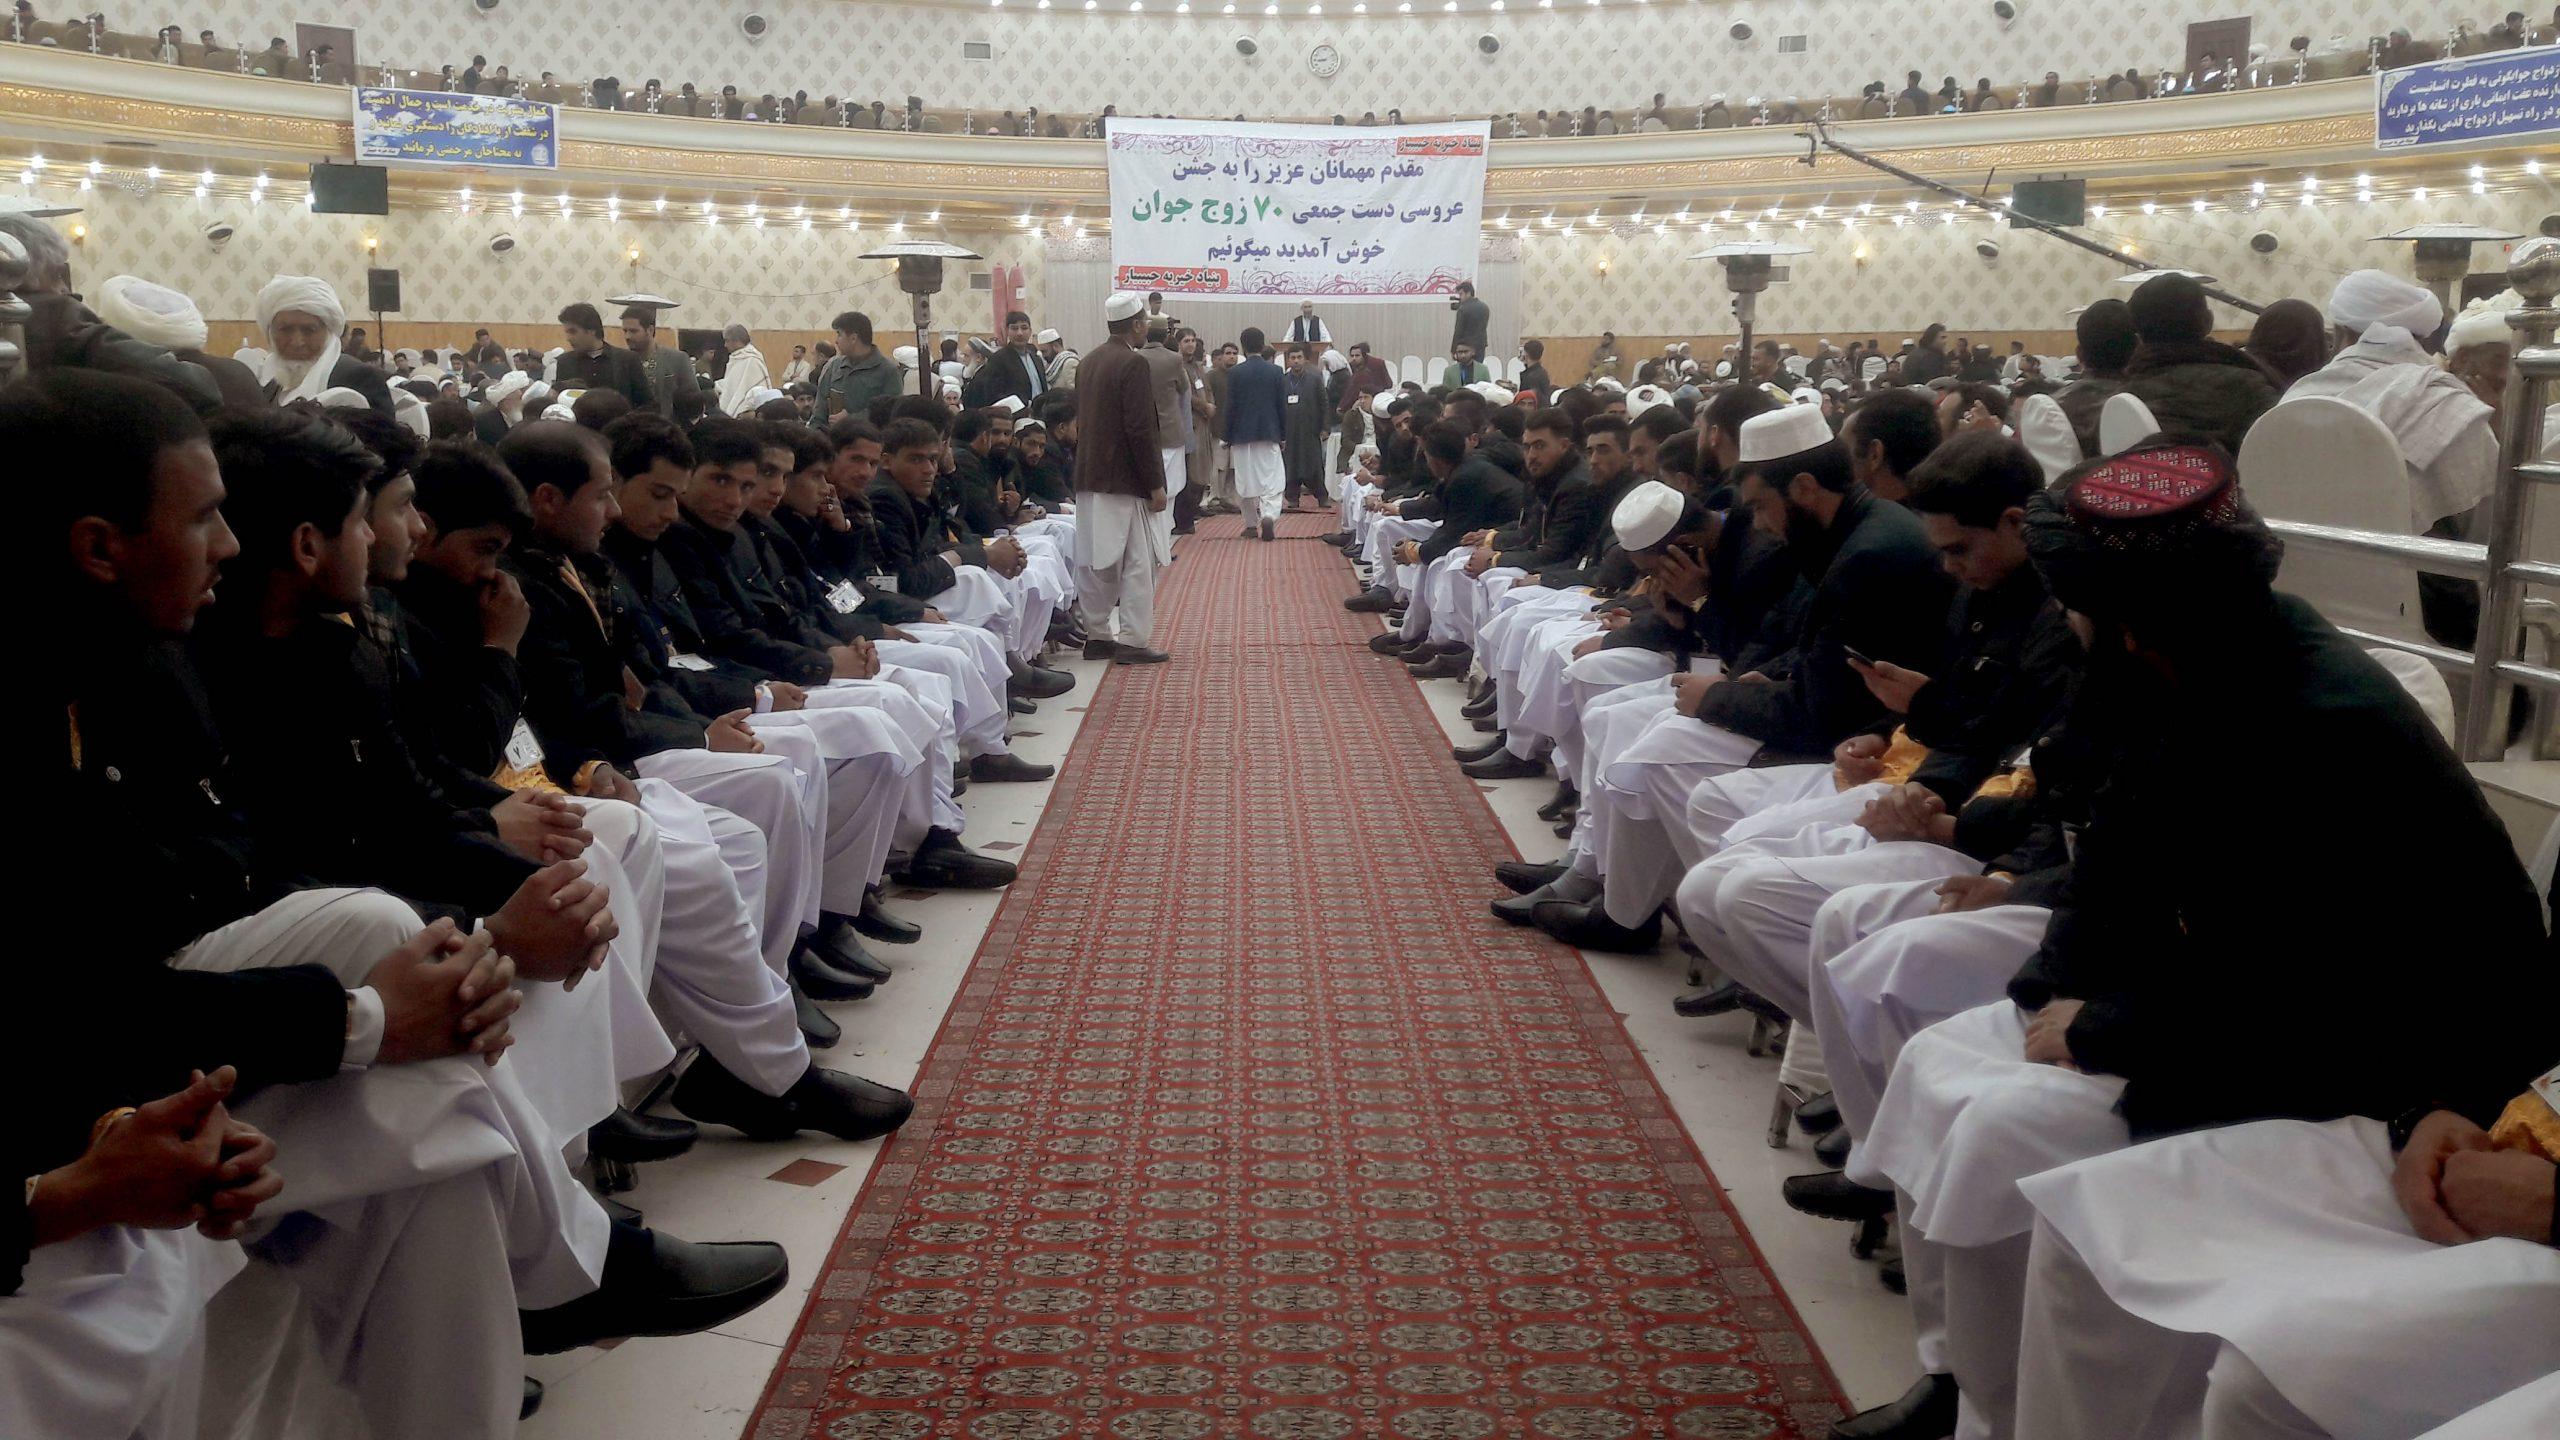 ازدواج دسته جمعی ۷۰ زوج جوان را در هرات به خانه بخت فرستاد